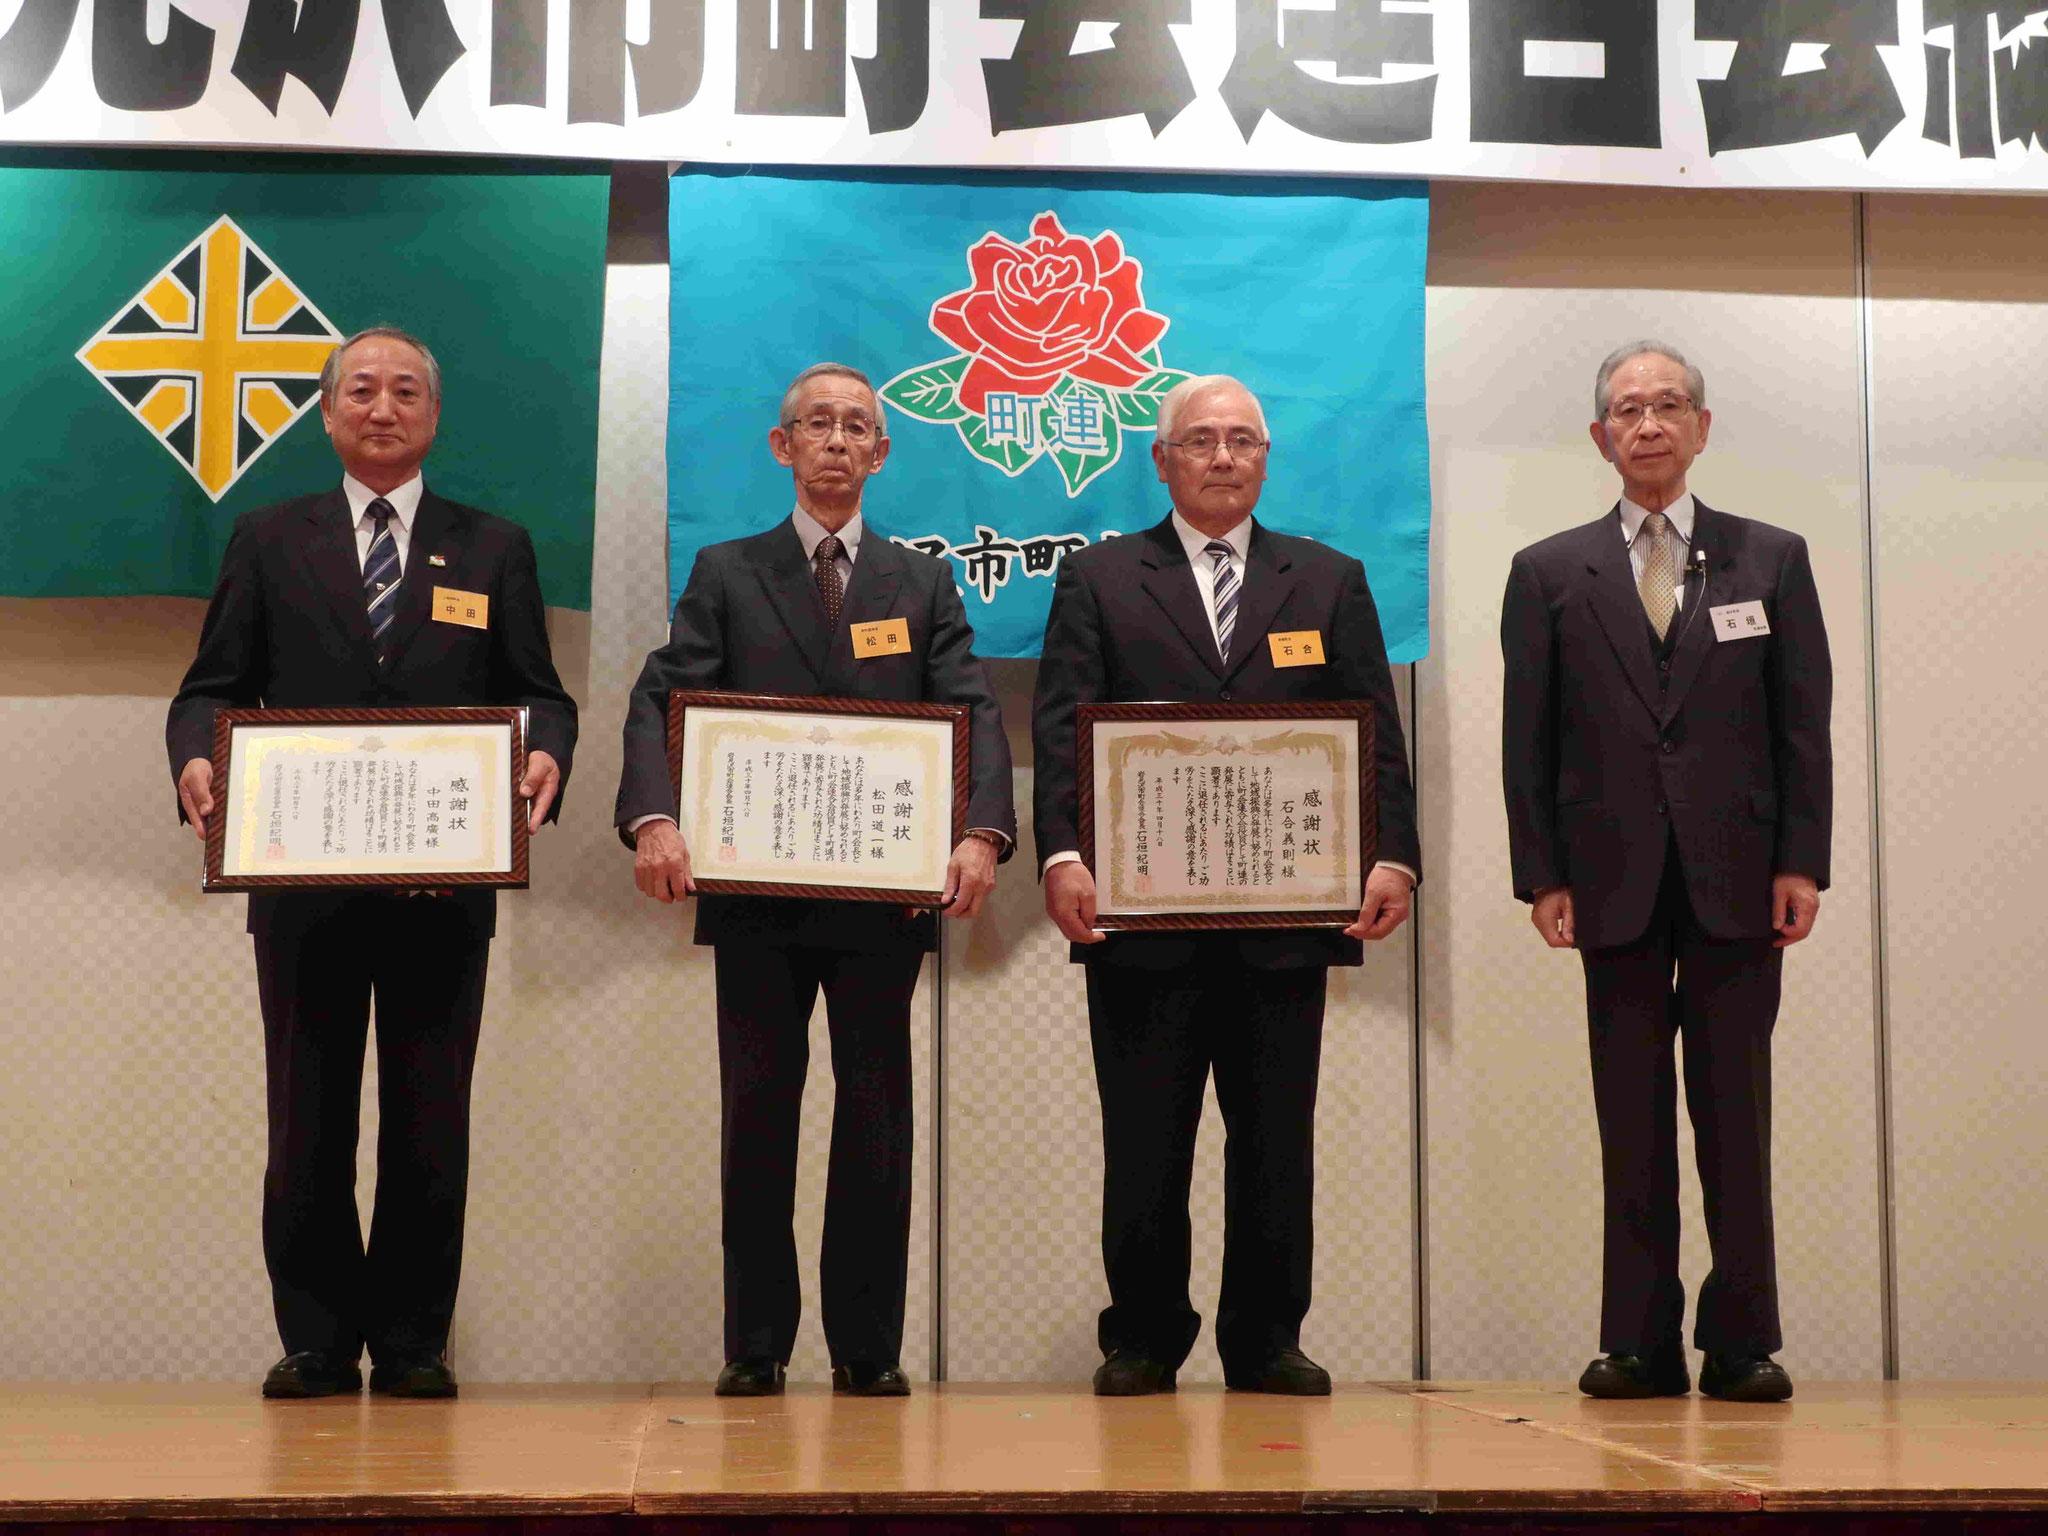 表彰者(左から)中田氏、松田氏、石合氏